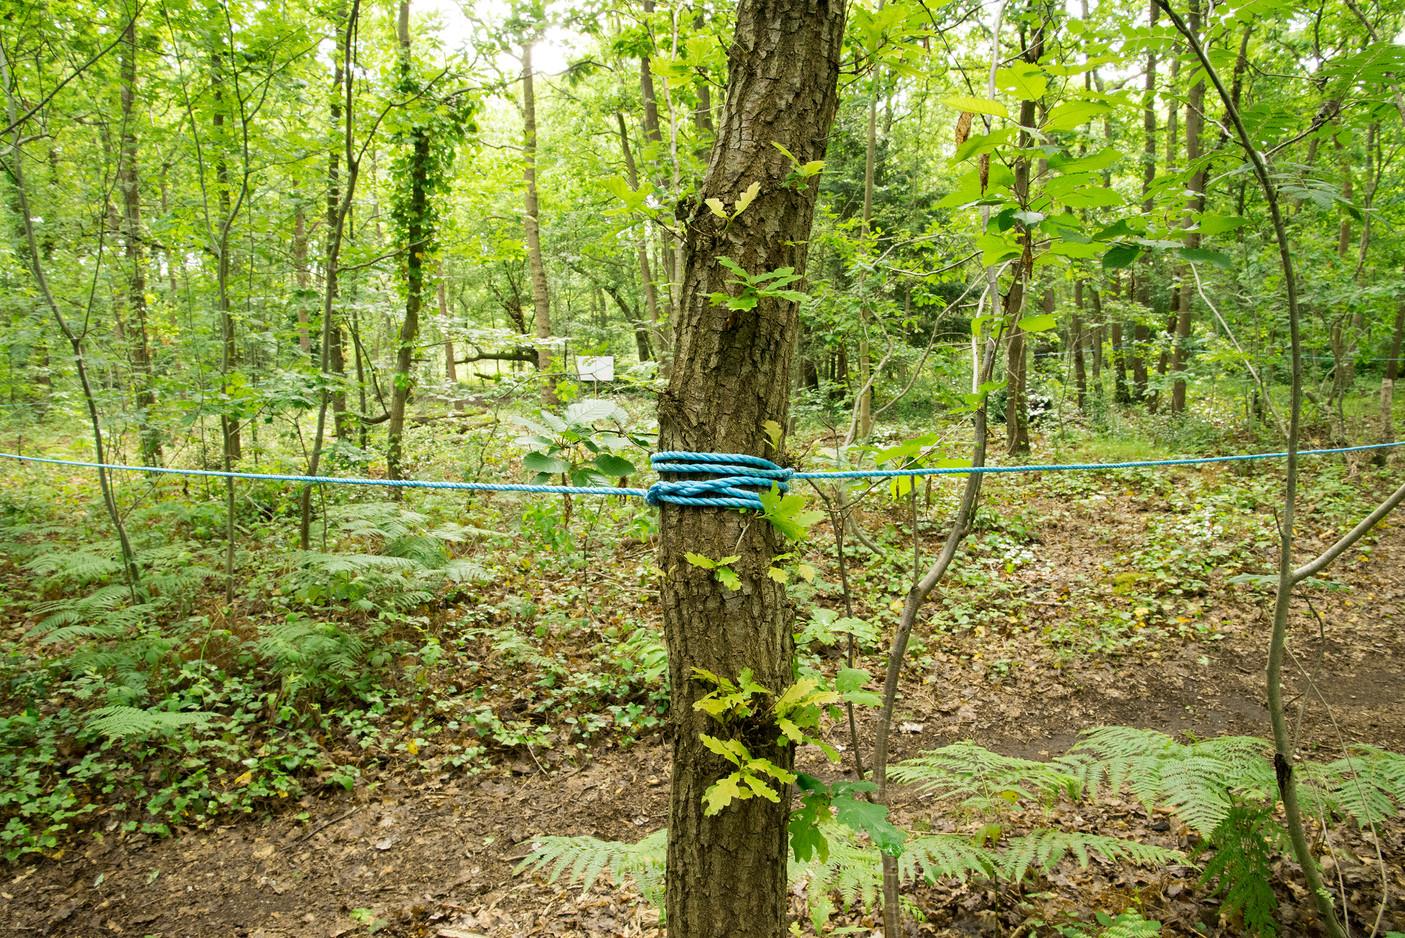 Rope on Tree